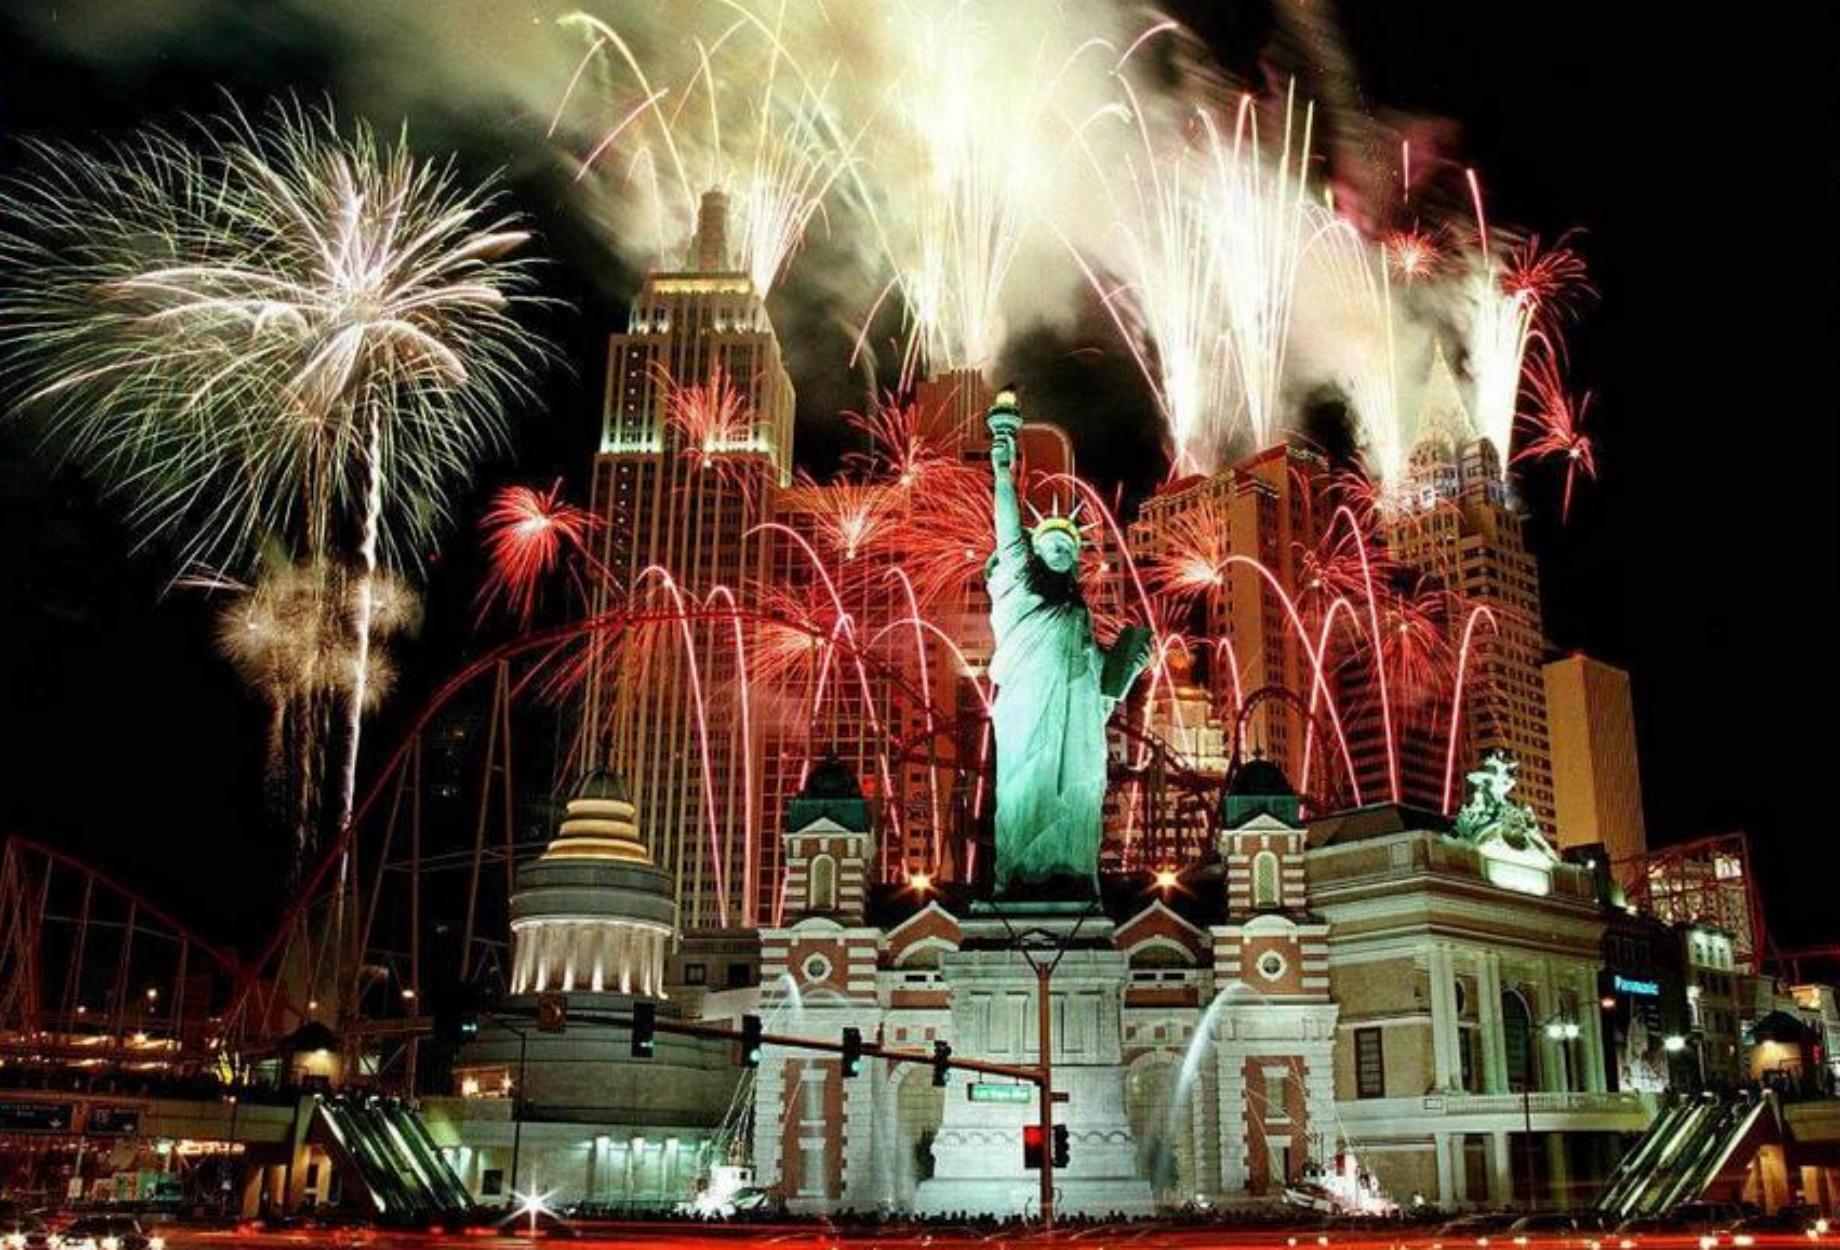 Οι 20 πιο διασκεδαστικές πόλεις των Η.Π.Α